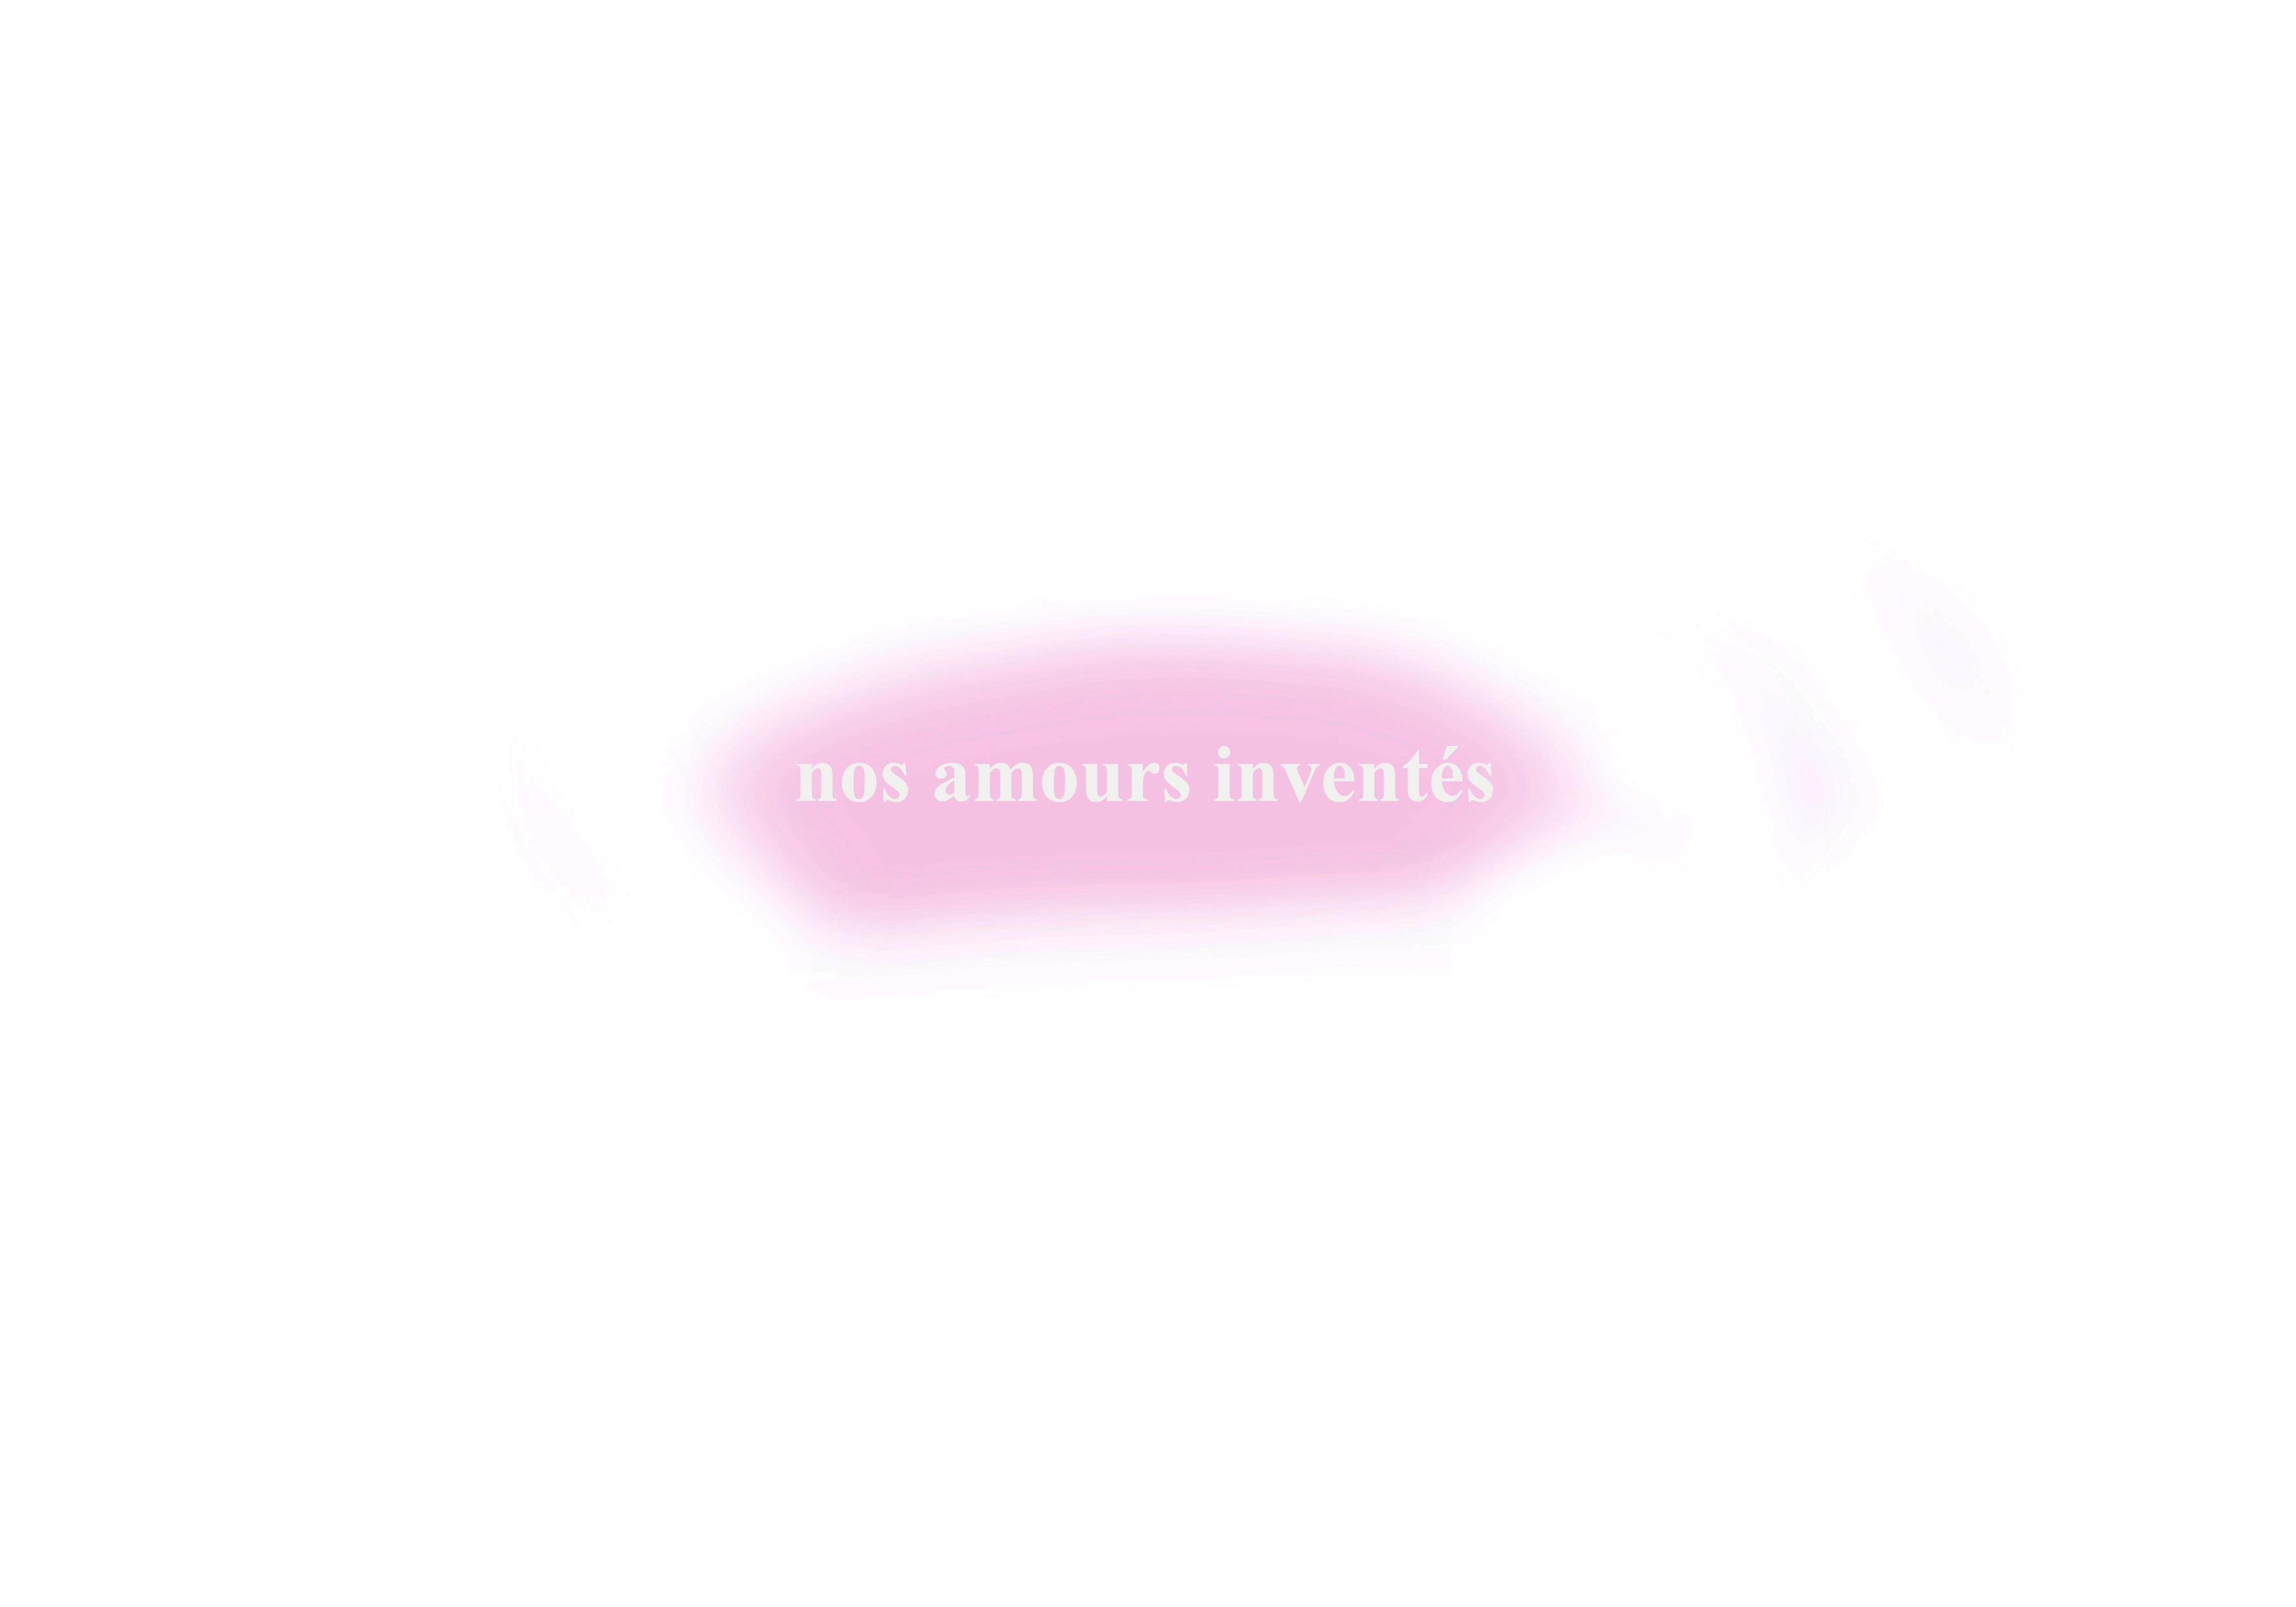 Nos amours inventés,